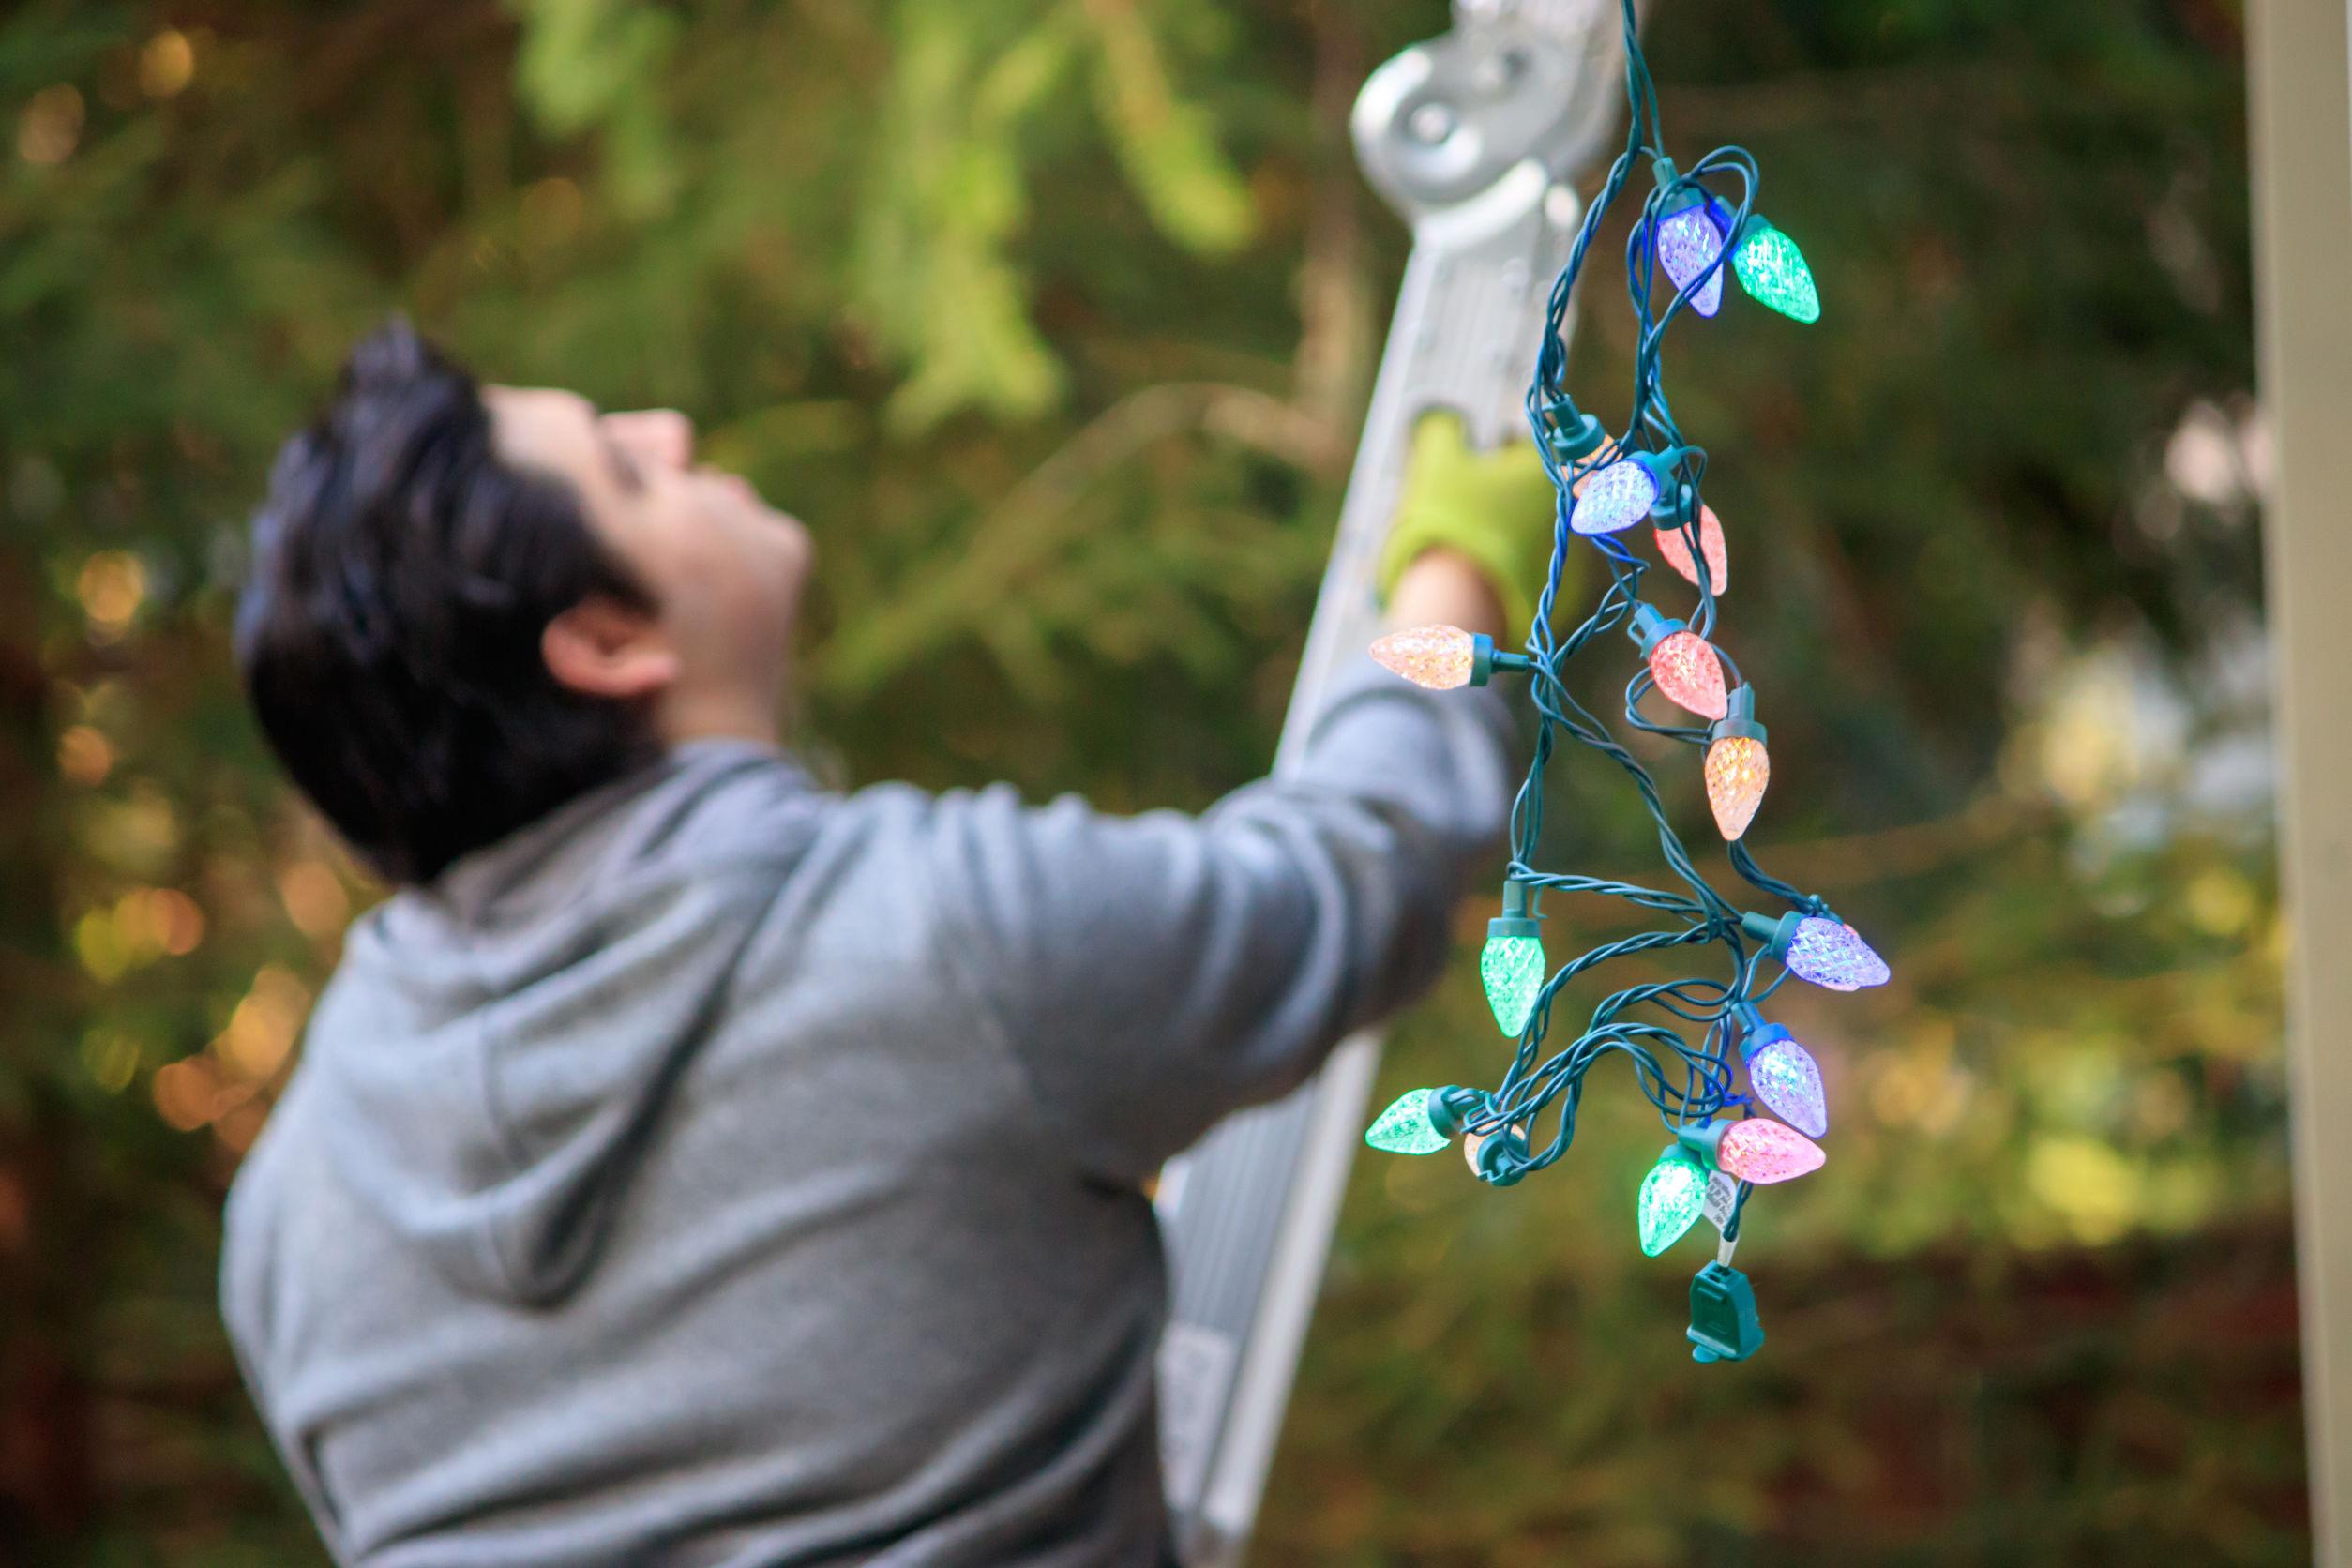 Weihnachtsbeleuchtung für außen: Test & Empfehlungen (05/20)